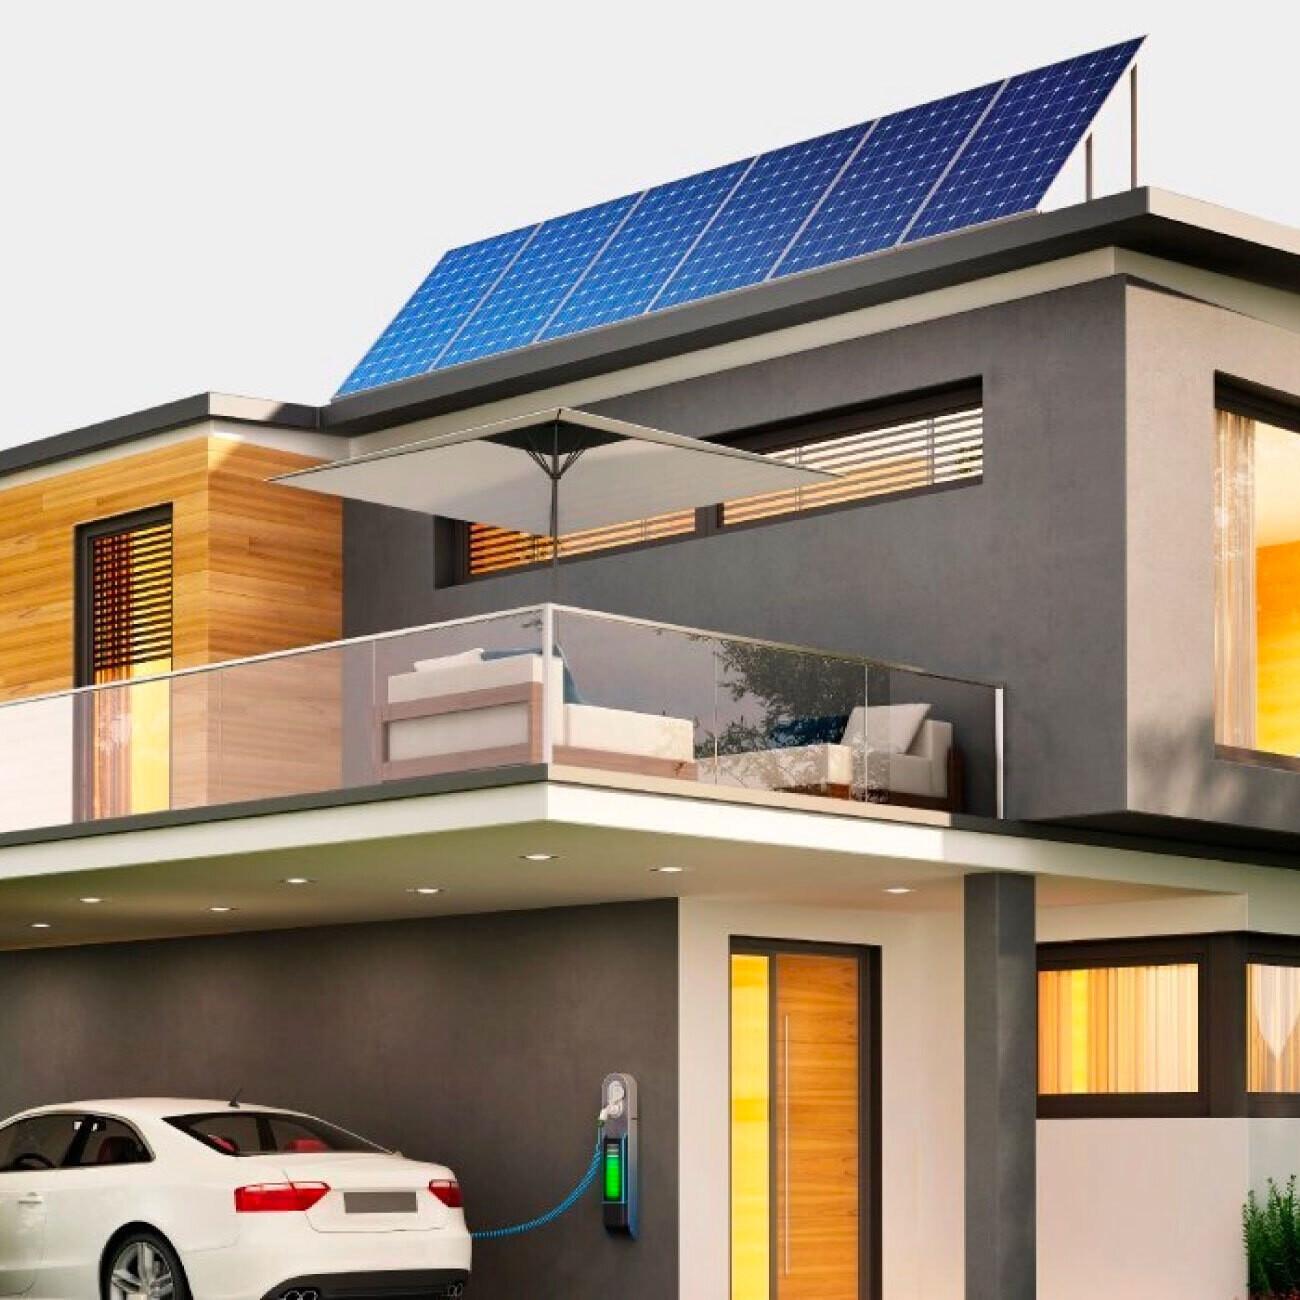 Kit de 6 paneles solares POWEN de 540 W